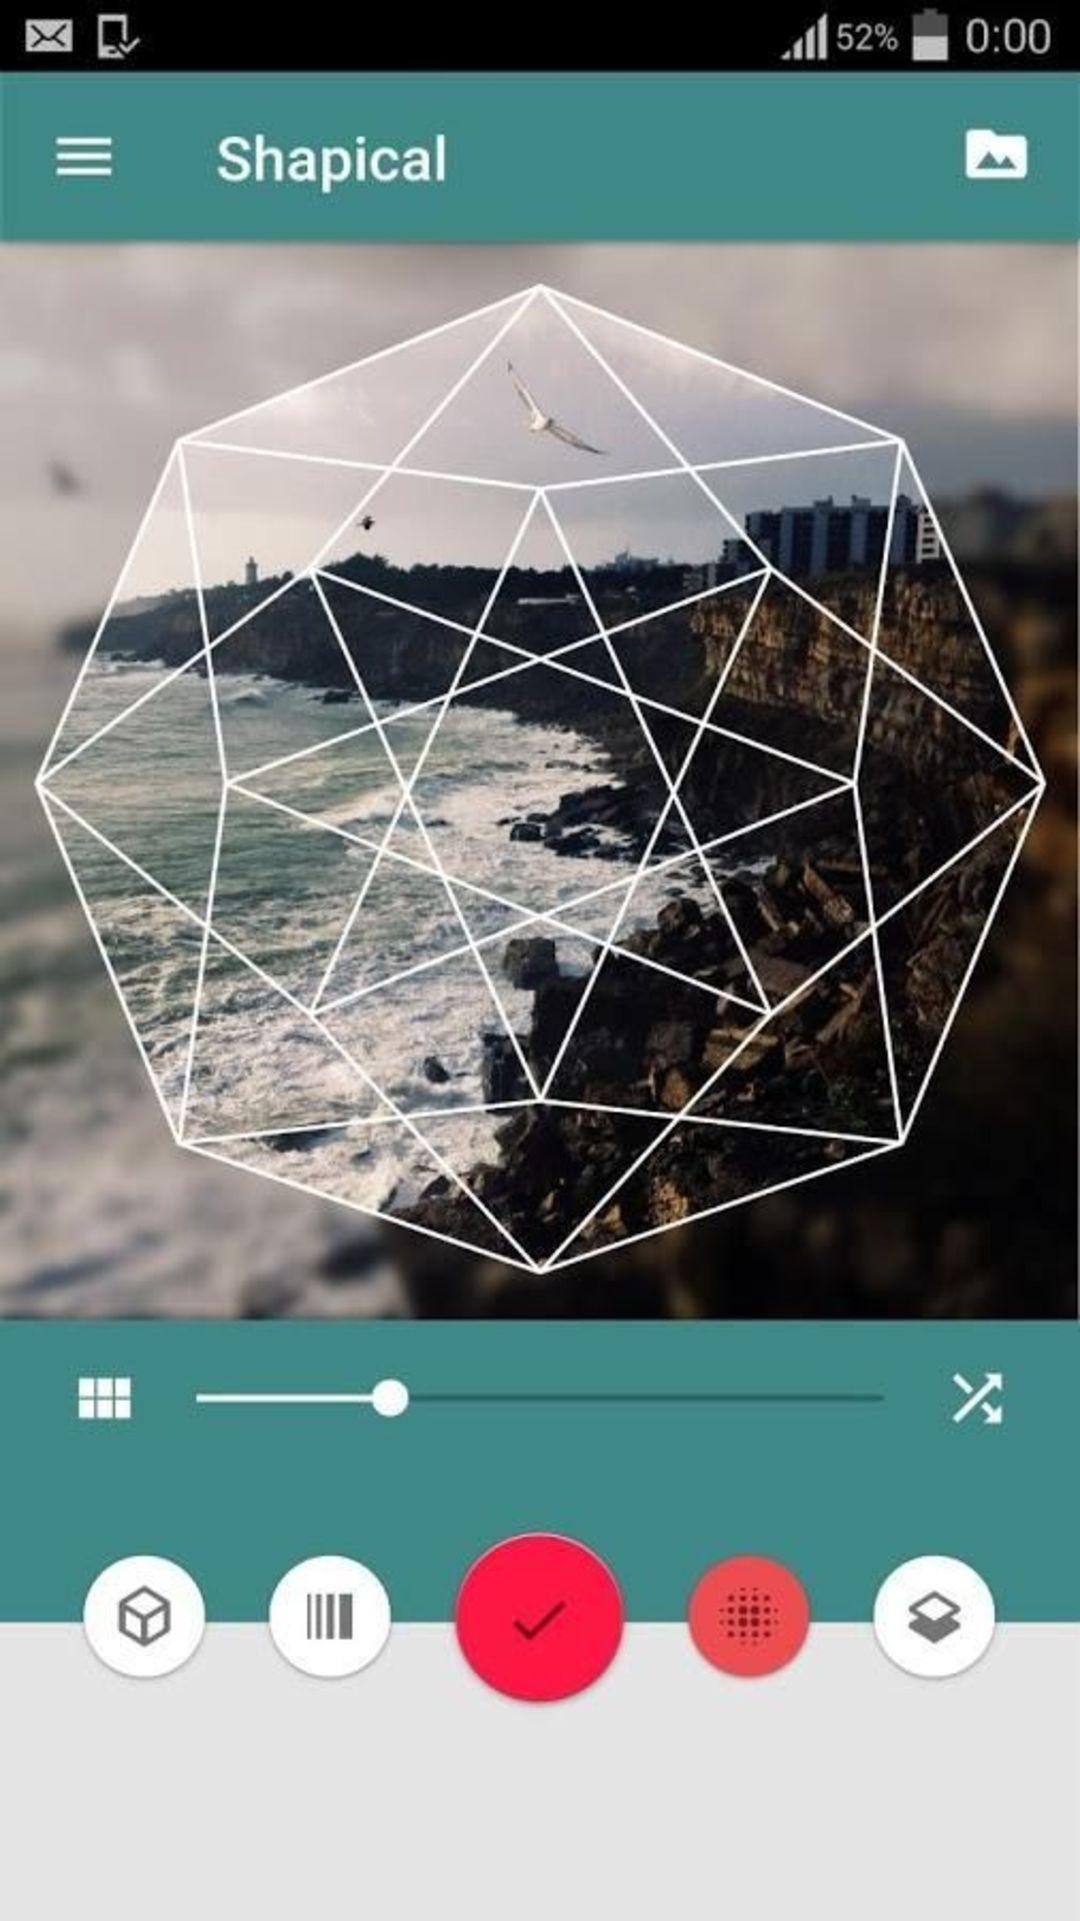 为了提升图片格调,这款应用提供了300款几何图形_智能_好奇心日报